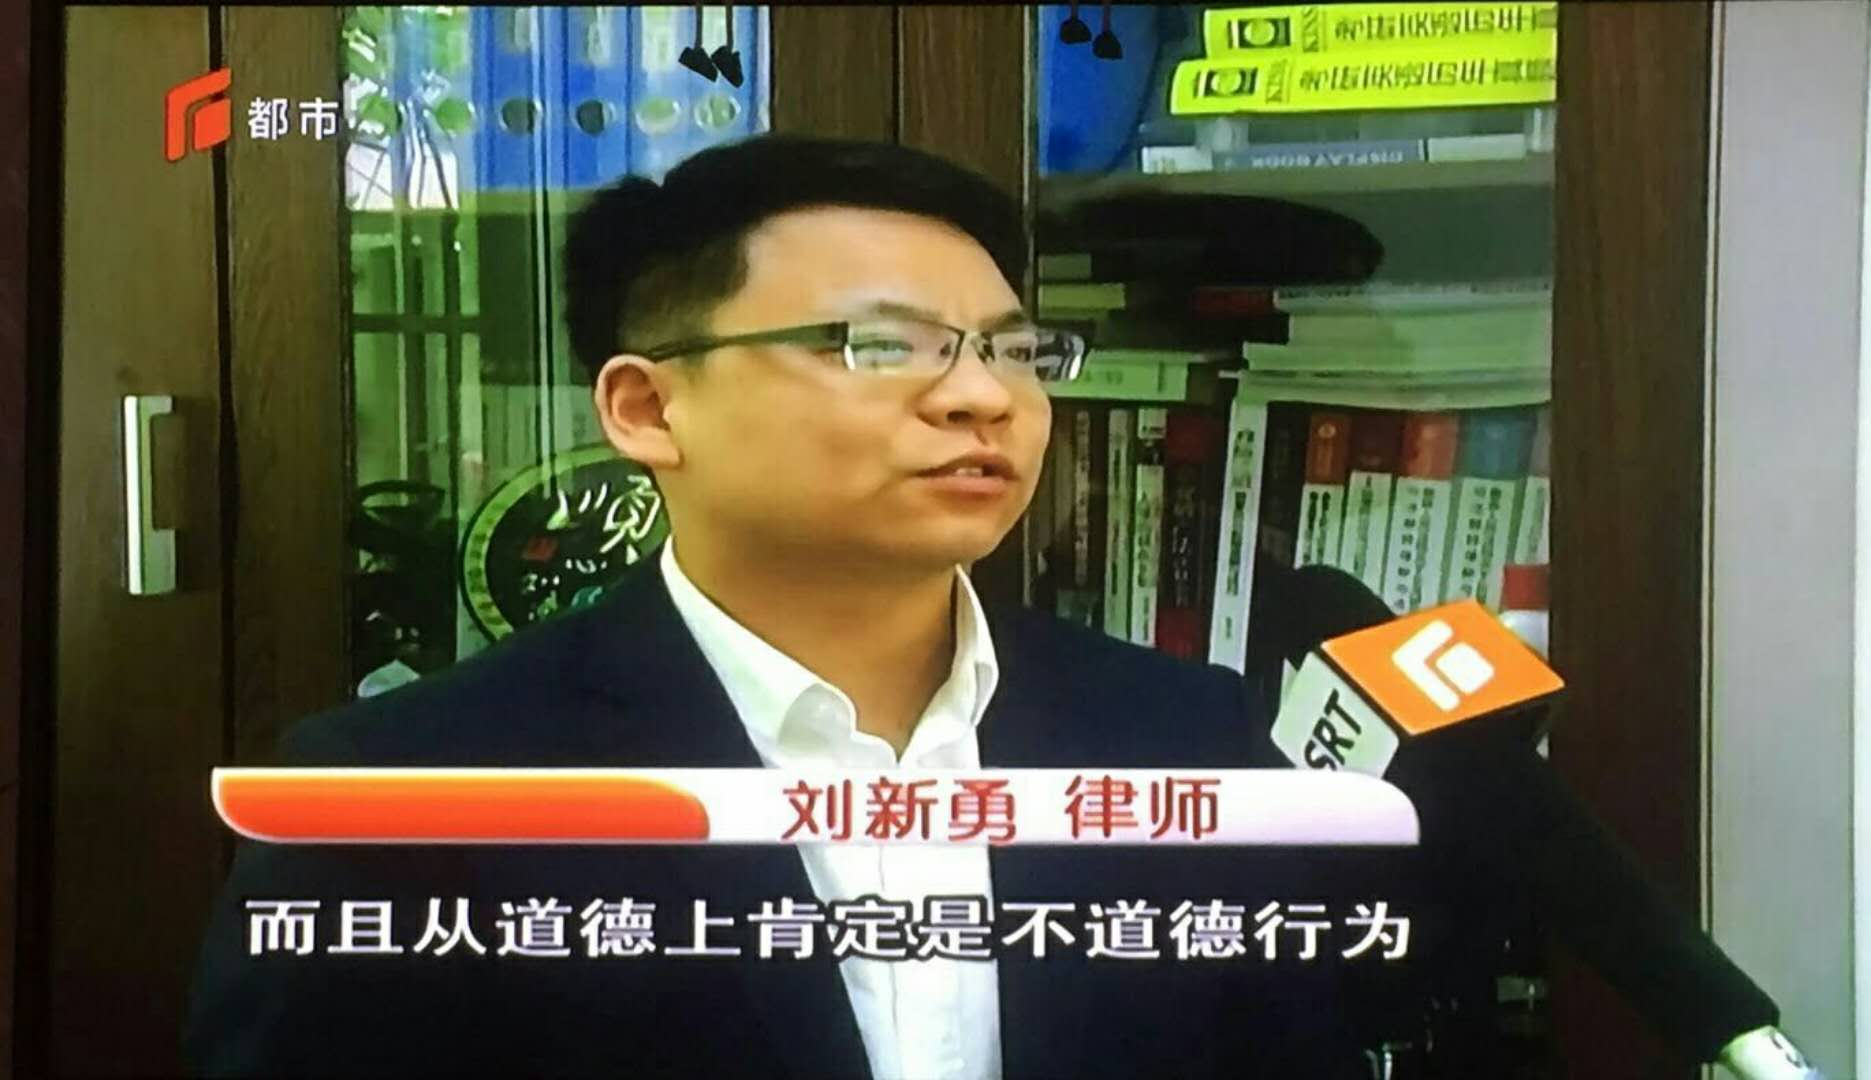 刘新勇律师接受石家庄电视台采访